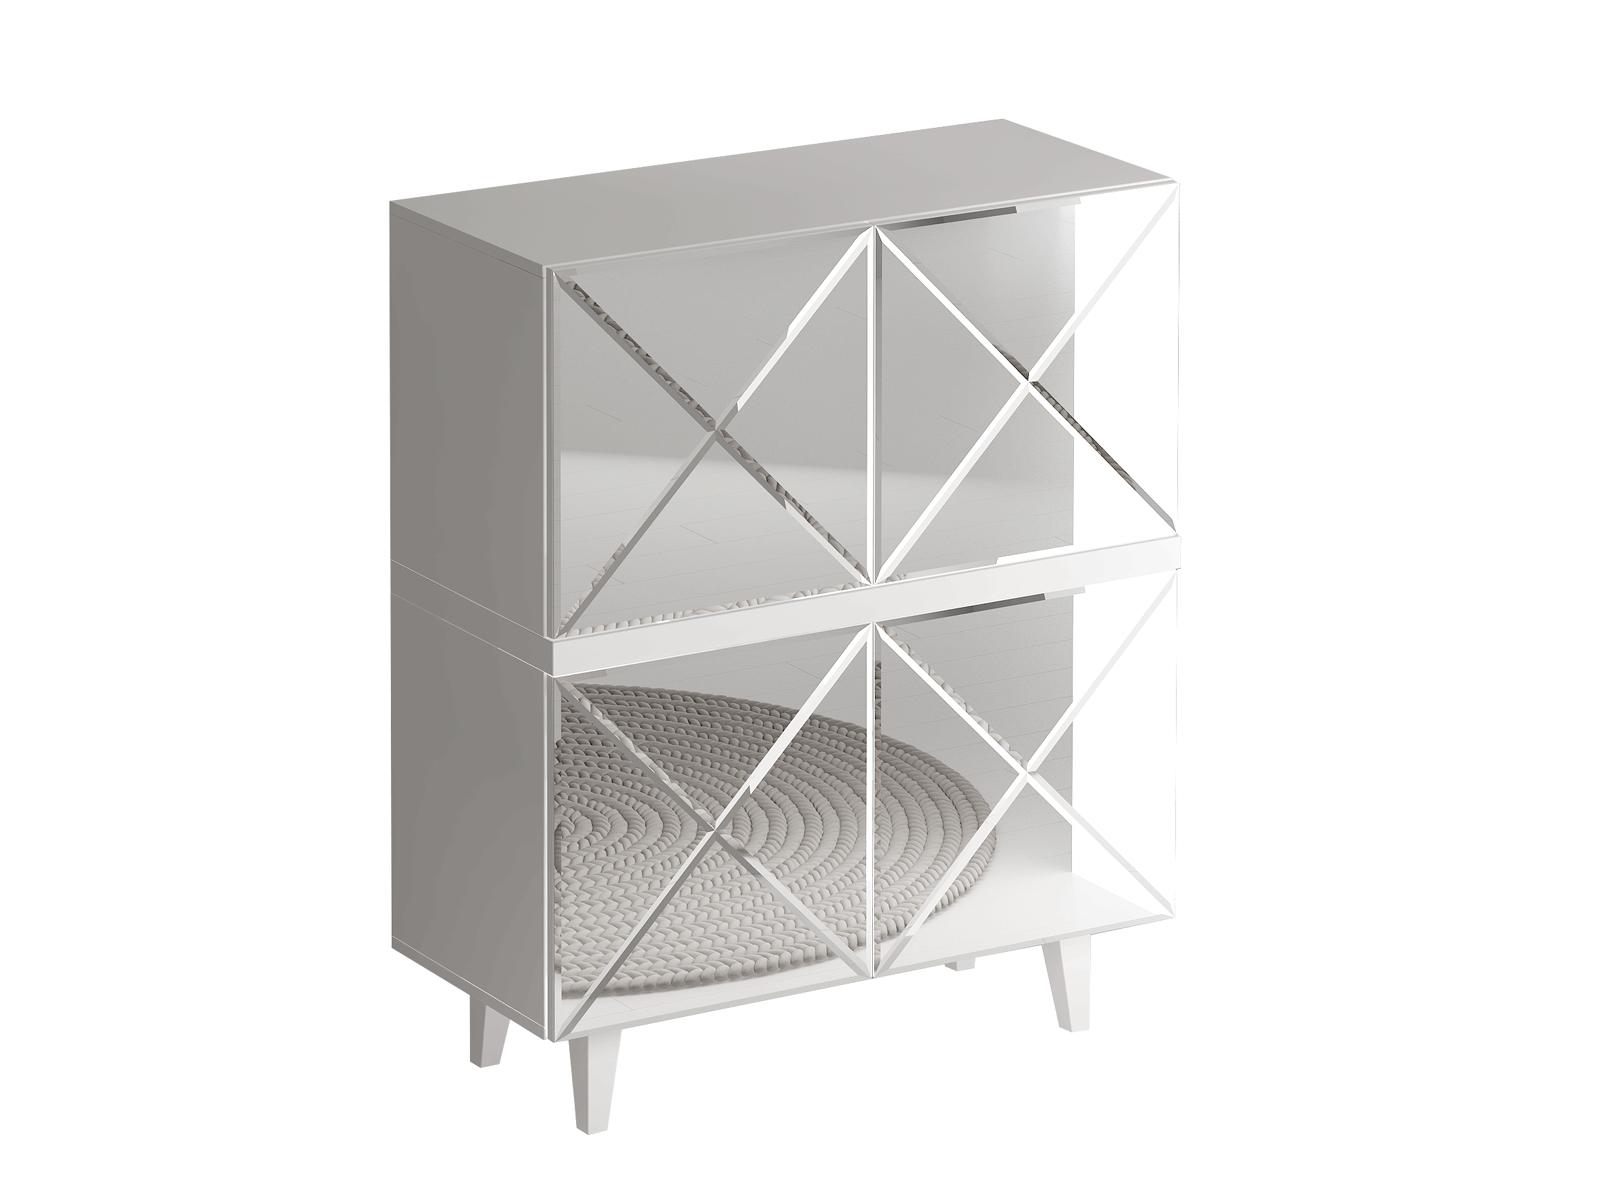 Шкаф KristalБельевые шкафы<br>Шкаф комбинированный для гостиной.&amp;amp;nbsp;&amp;lt;div&amp;gt;Дверцы открываются по принципу «нажал - открыл».&amp;lt;/div&amp;gt;&amp;lt;div&amp;gt;Фасад - зеркальный.&amp;lt;/div&amp;gt;<br><br>Material: ДСП<br>Ширина см: 96<br>Высота см: 117<br>Глубина см: 44